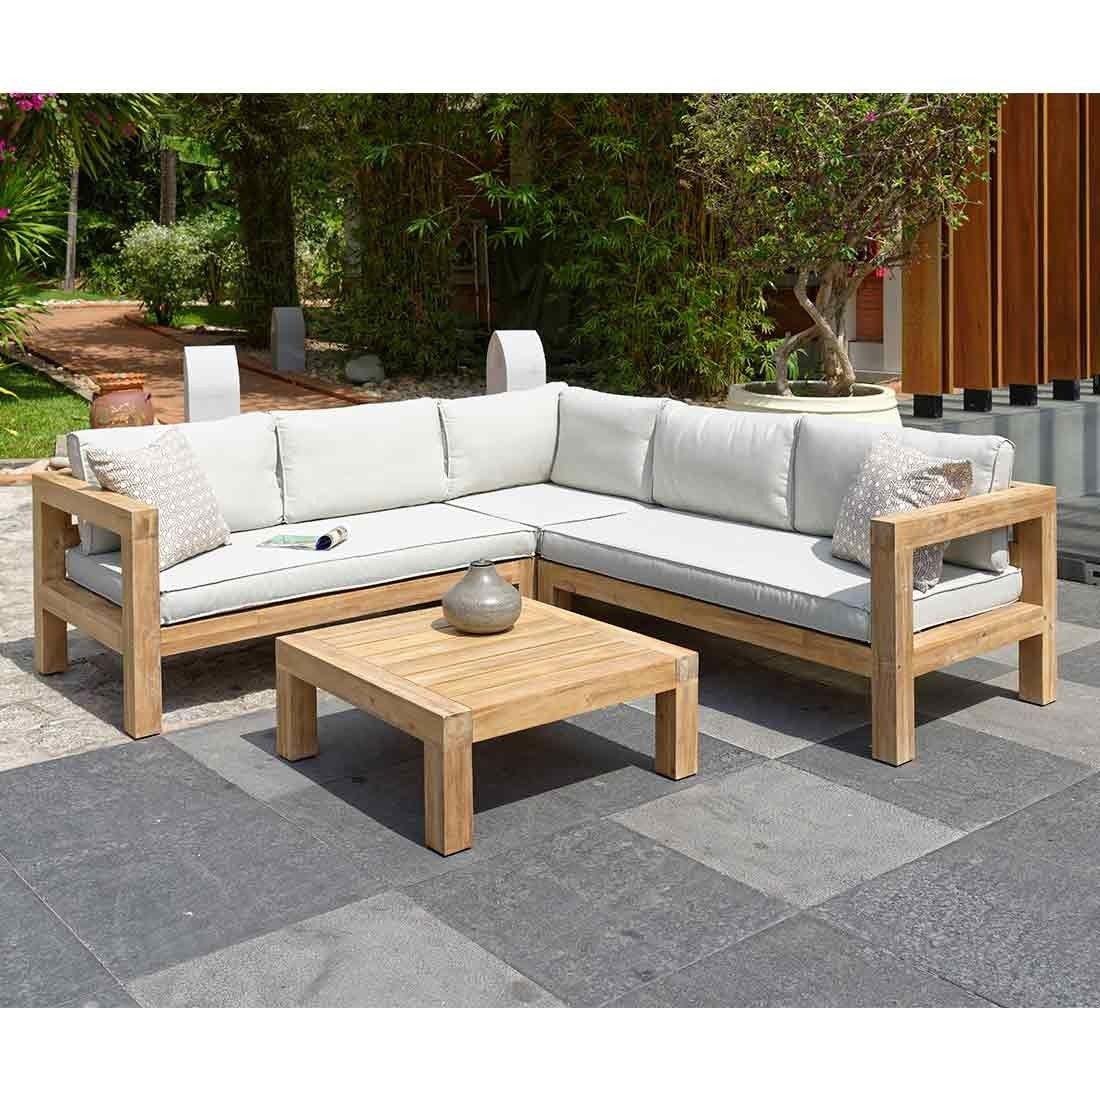 Full Size of Pin Auf Garten Lounge Mbel Loungemöbel Holz Günstig Wohnzimmer Outliv Loungemöbel